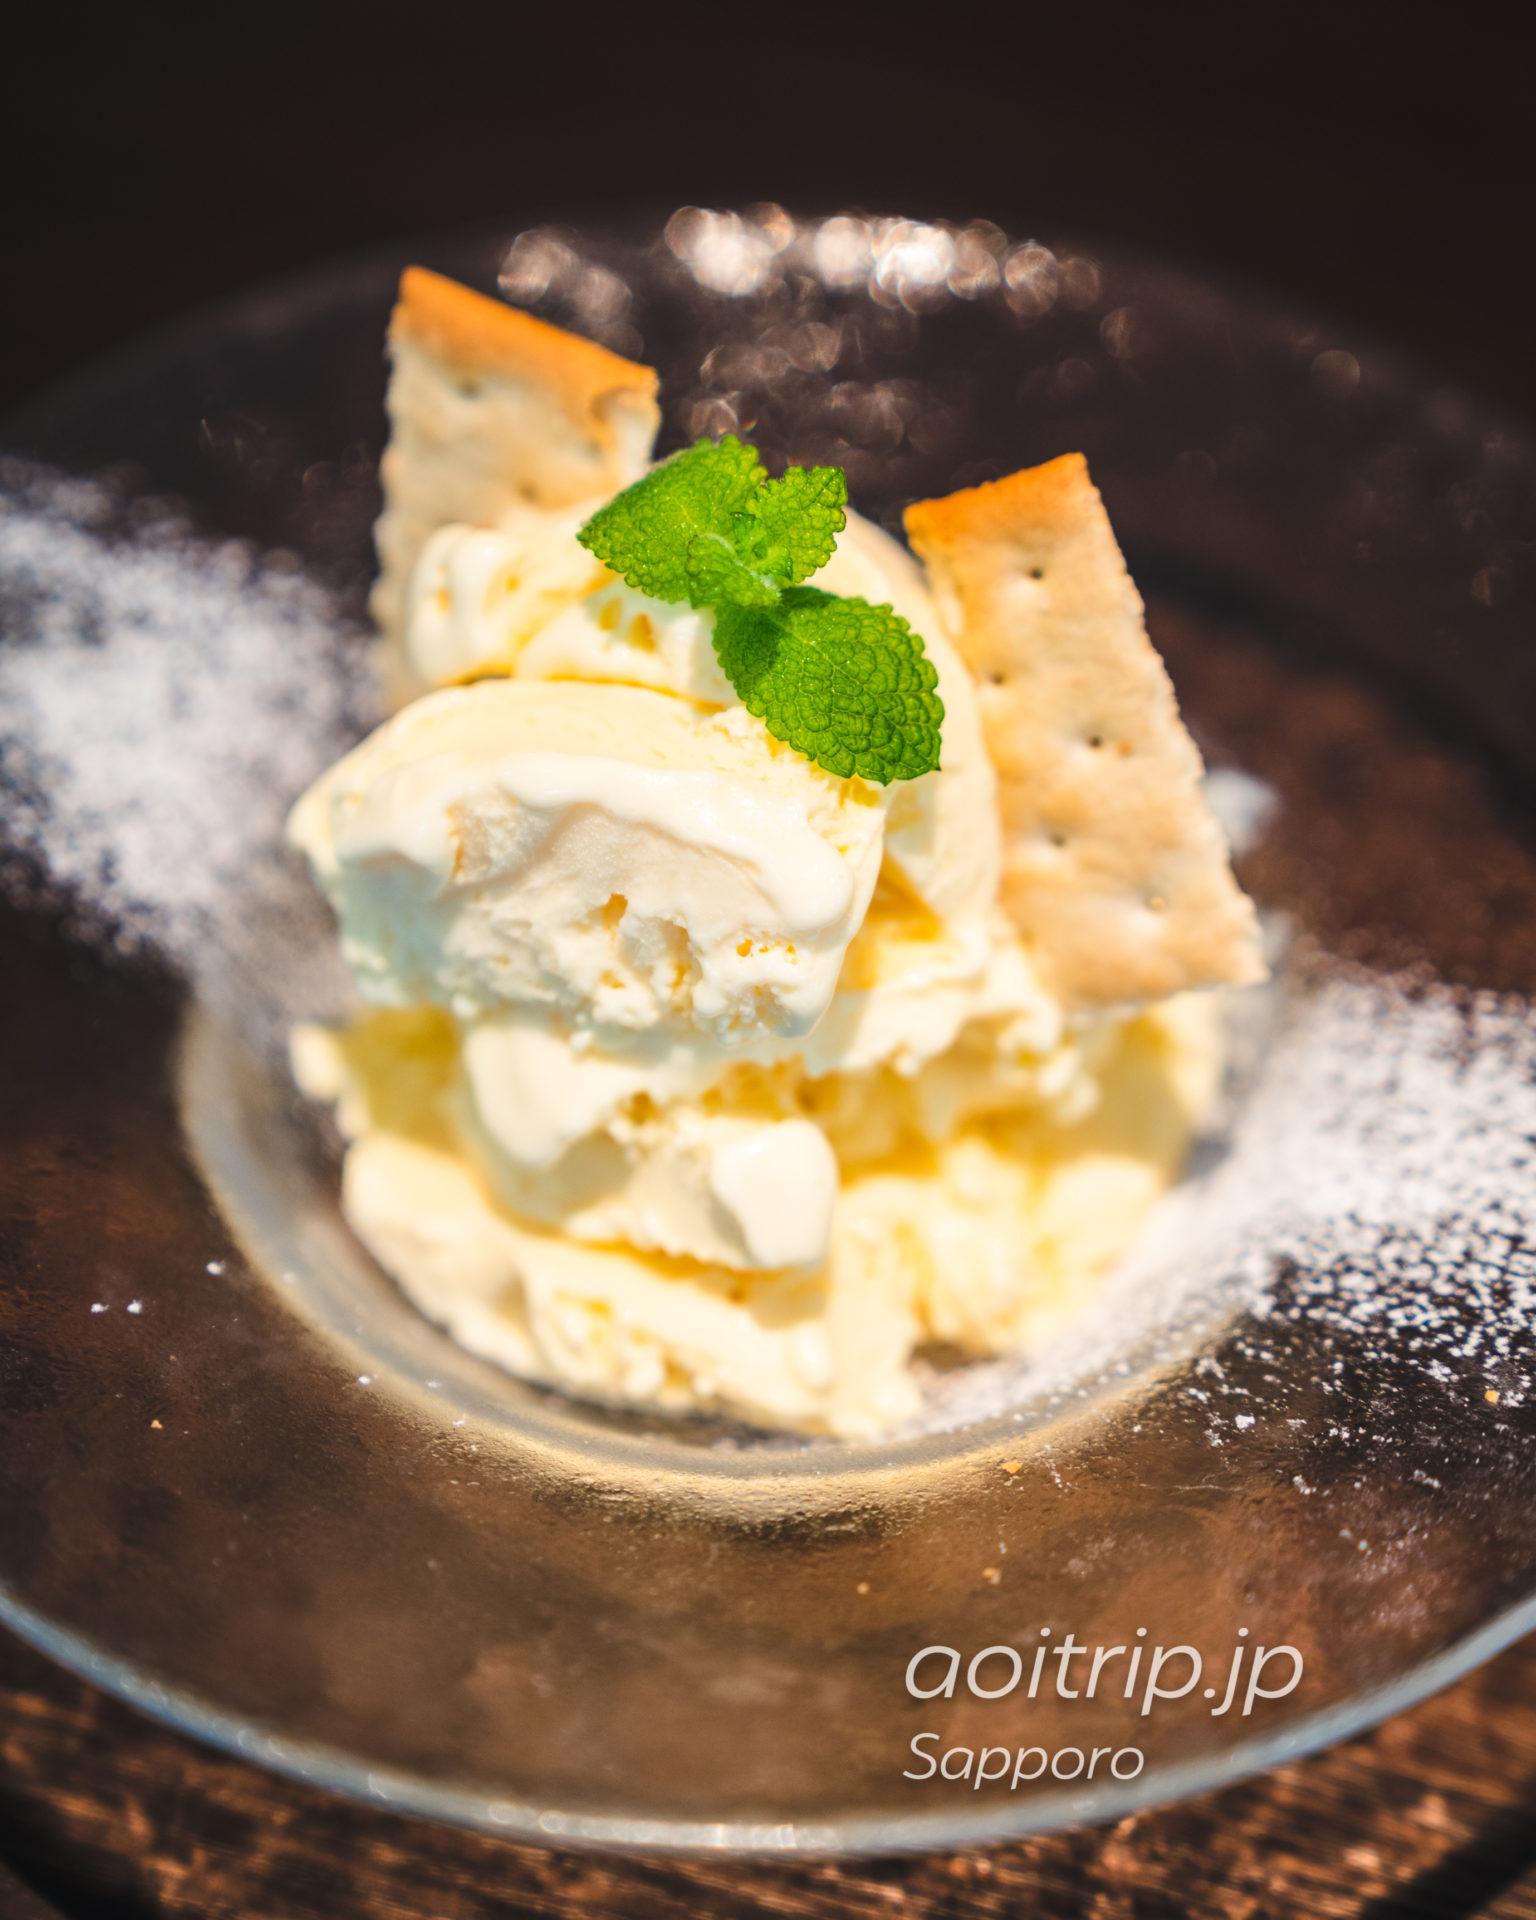 札幌グランドホテルのノーザンテラスライナー 札幌グランドホテル特製バニラアイスクリーム